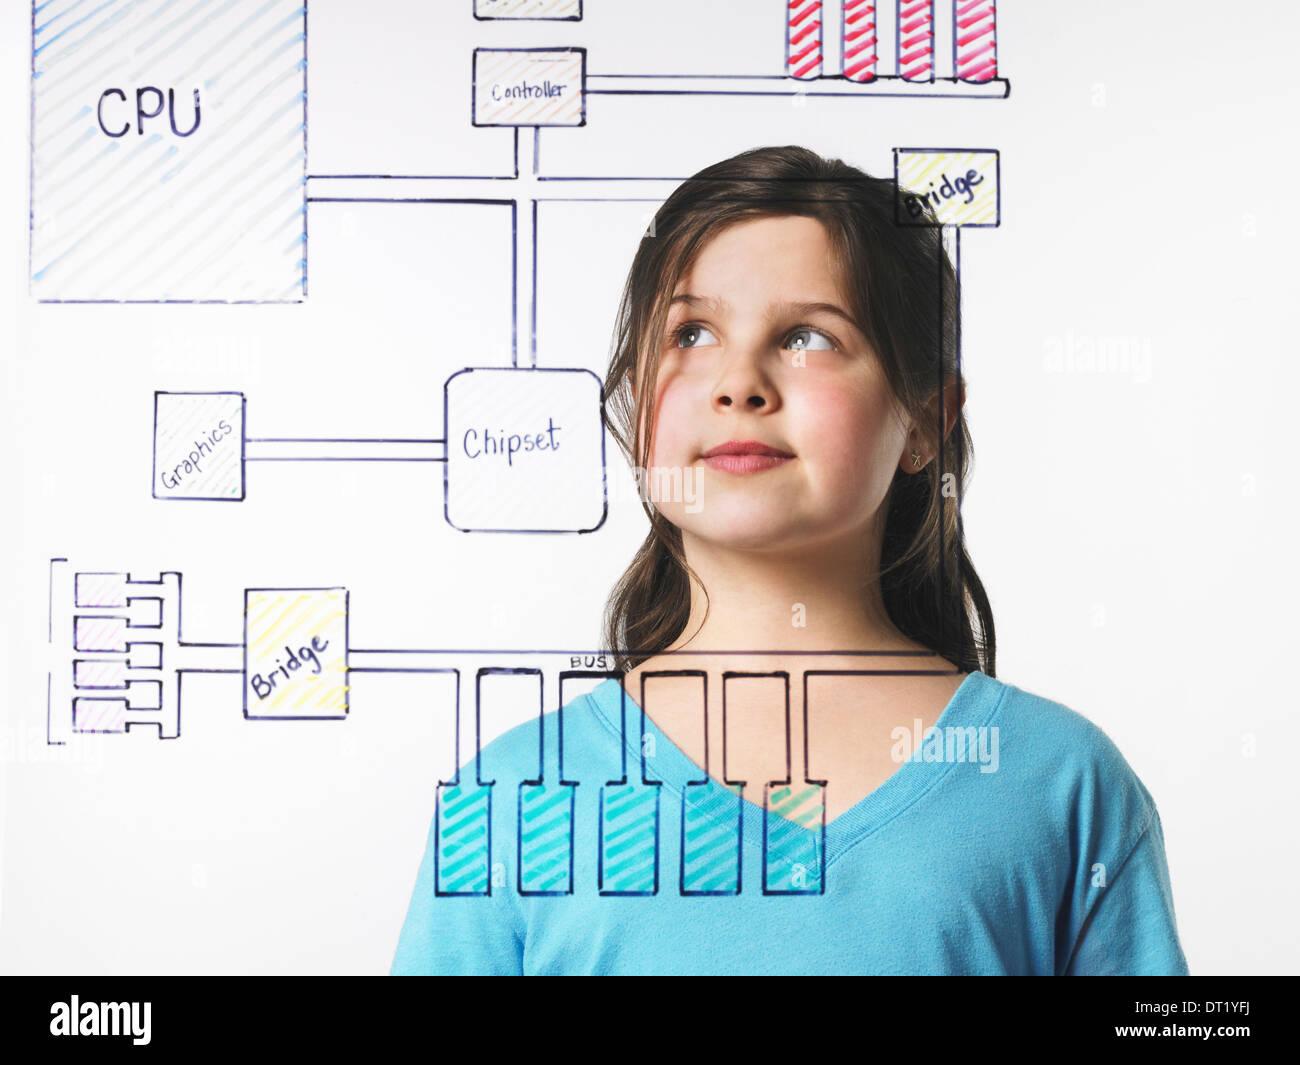 Une jeune fille à la recherche d'un dessin d'une carte mère de l'ordinateur est dessiné sur un circuit voir à travers la surface claire Photo Stock